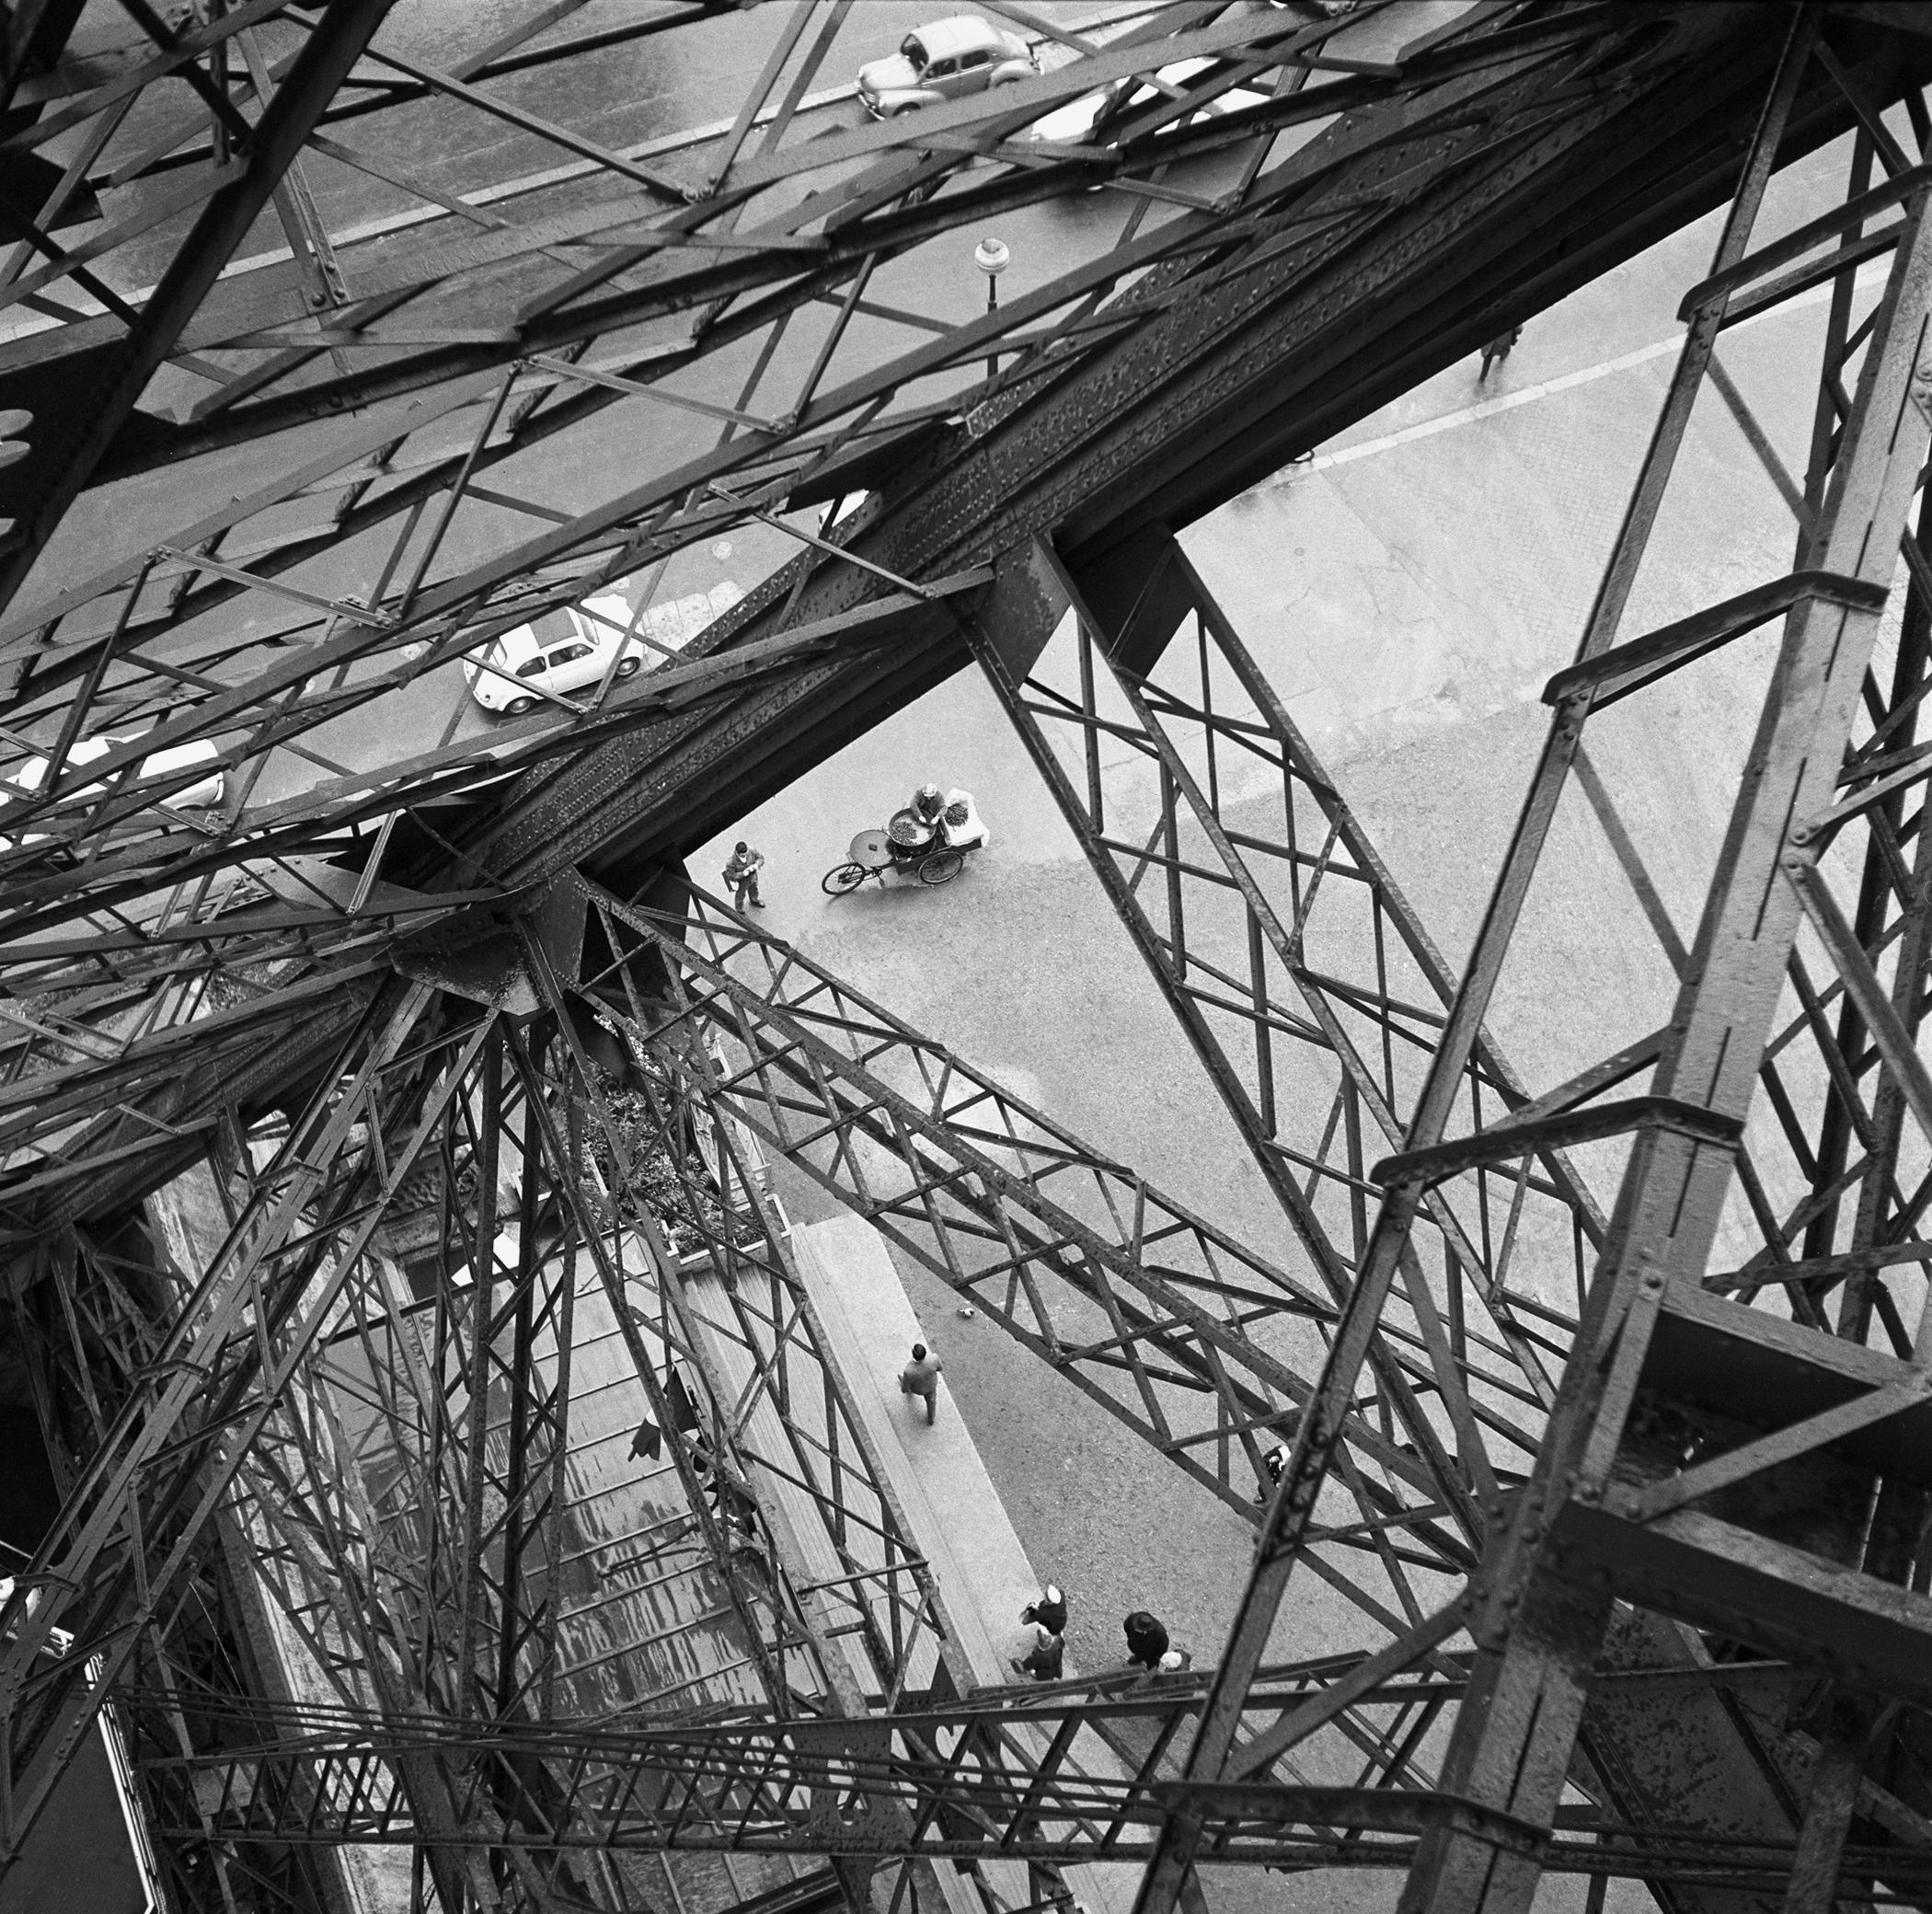 EIFFEL TOWER STRUTS - 1948